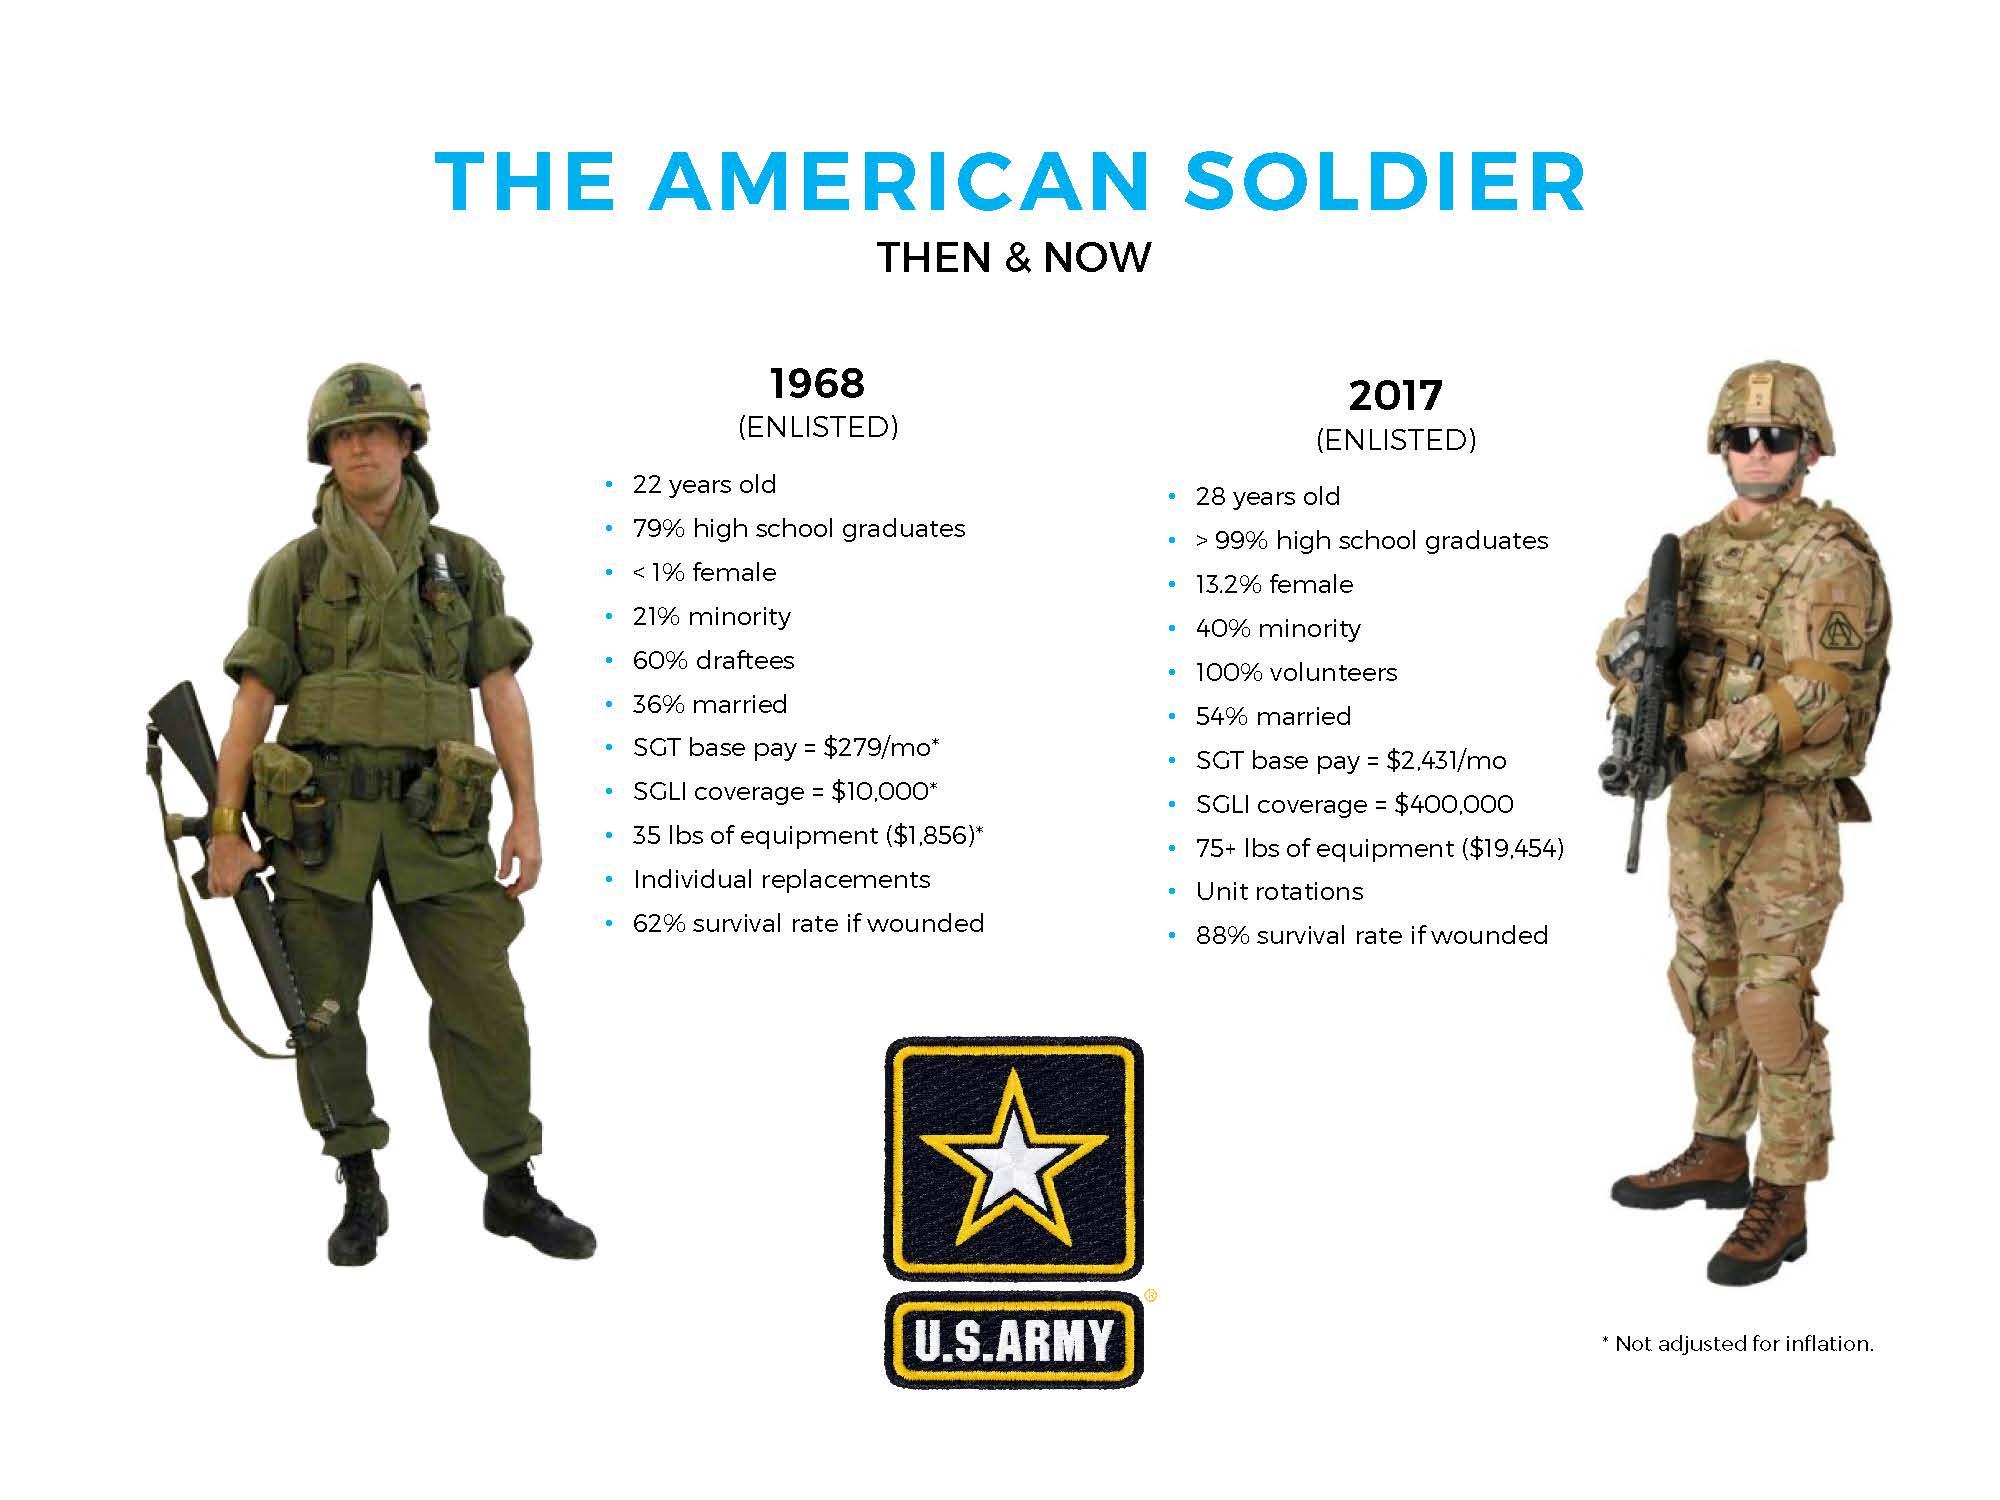 منظور جديد لسلاح المشاة في الجيش الامريكي  Dd--jeqX4AIiYOR